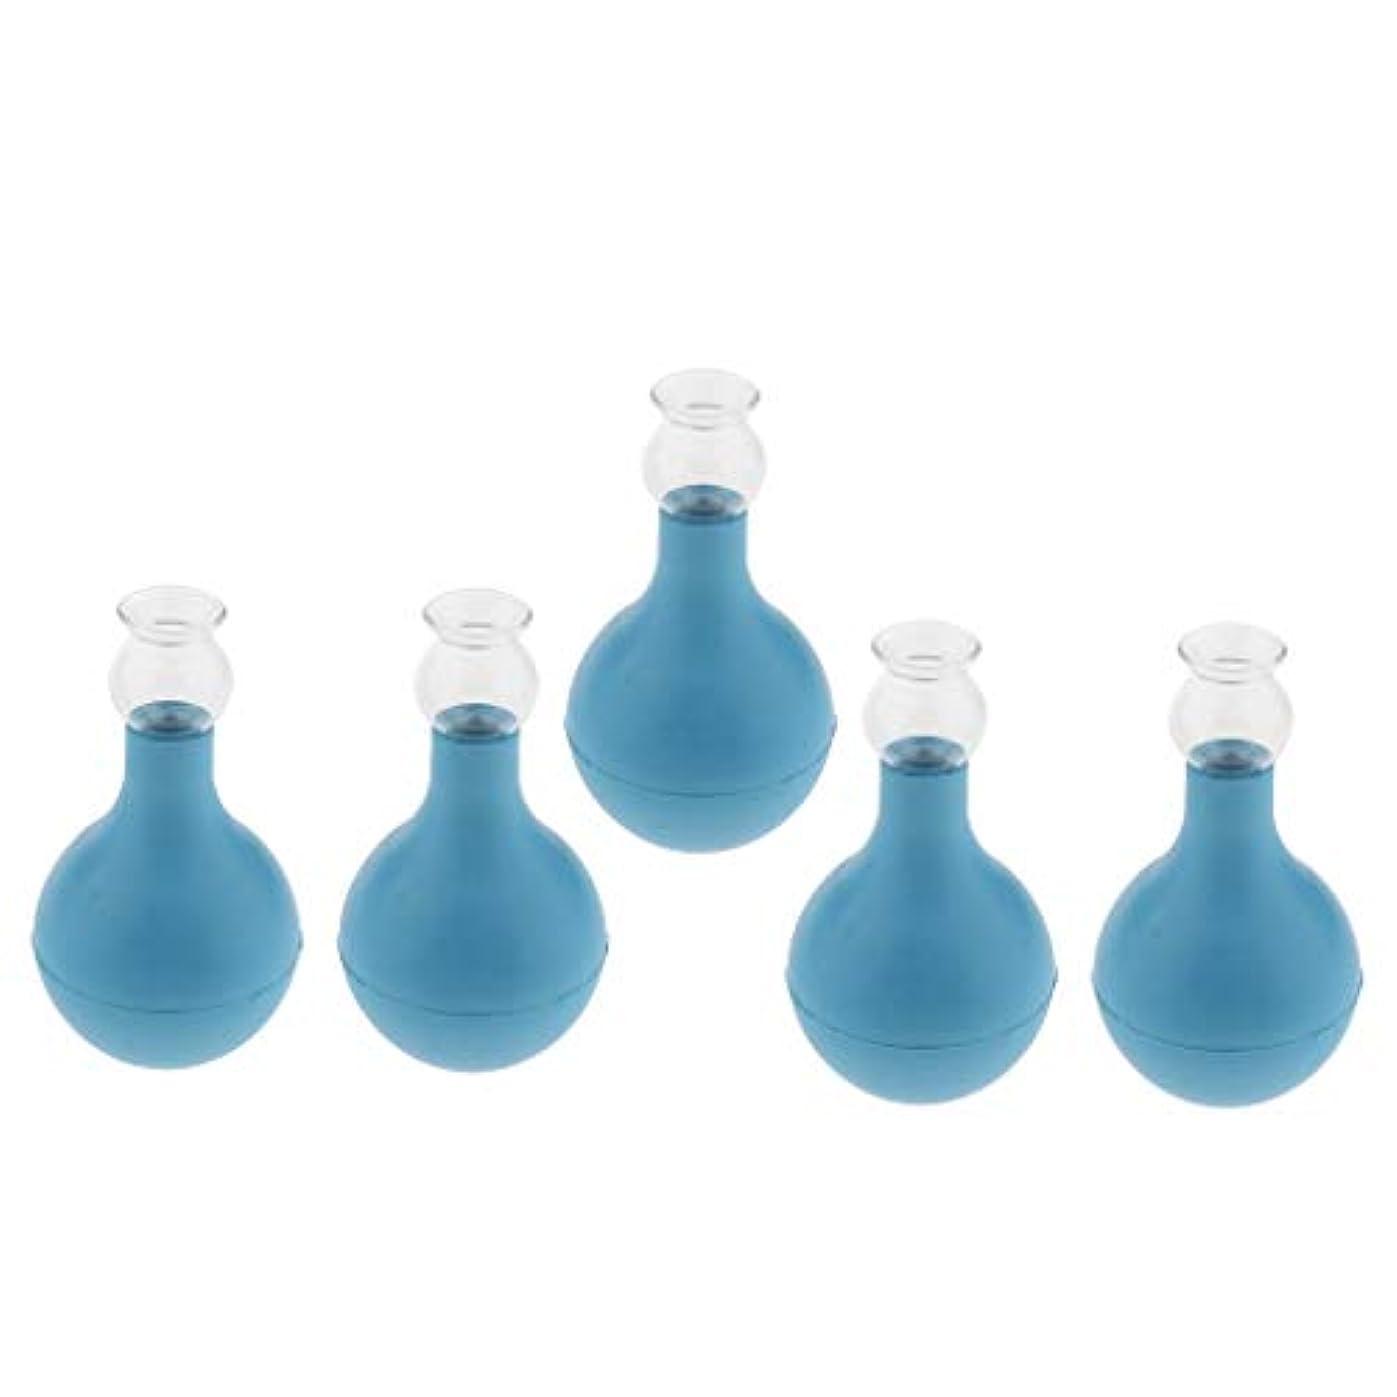 スケジュールバースミントFLAMEER 5個 セルライト対策 カッピング ガラス/シリコン マッサージ吸い玉 使いやすい 腫脹緩和 2種選ぶ - ブルー+ブルー2cm, 2cm